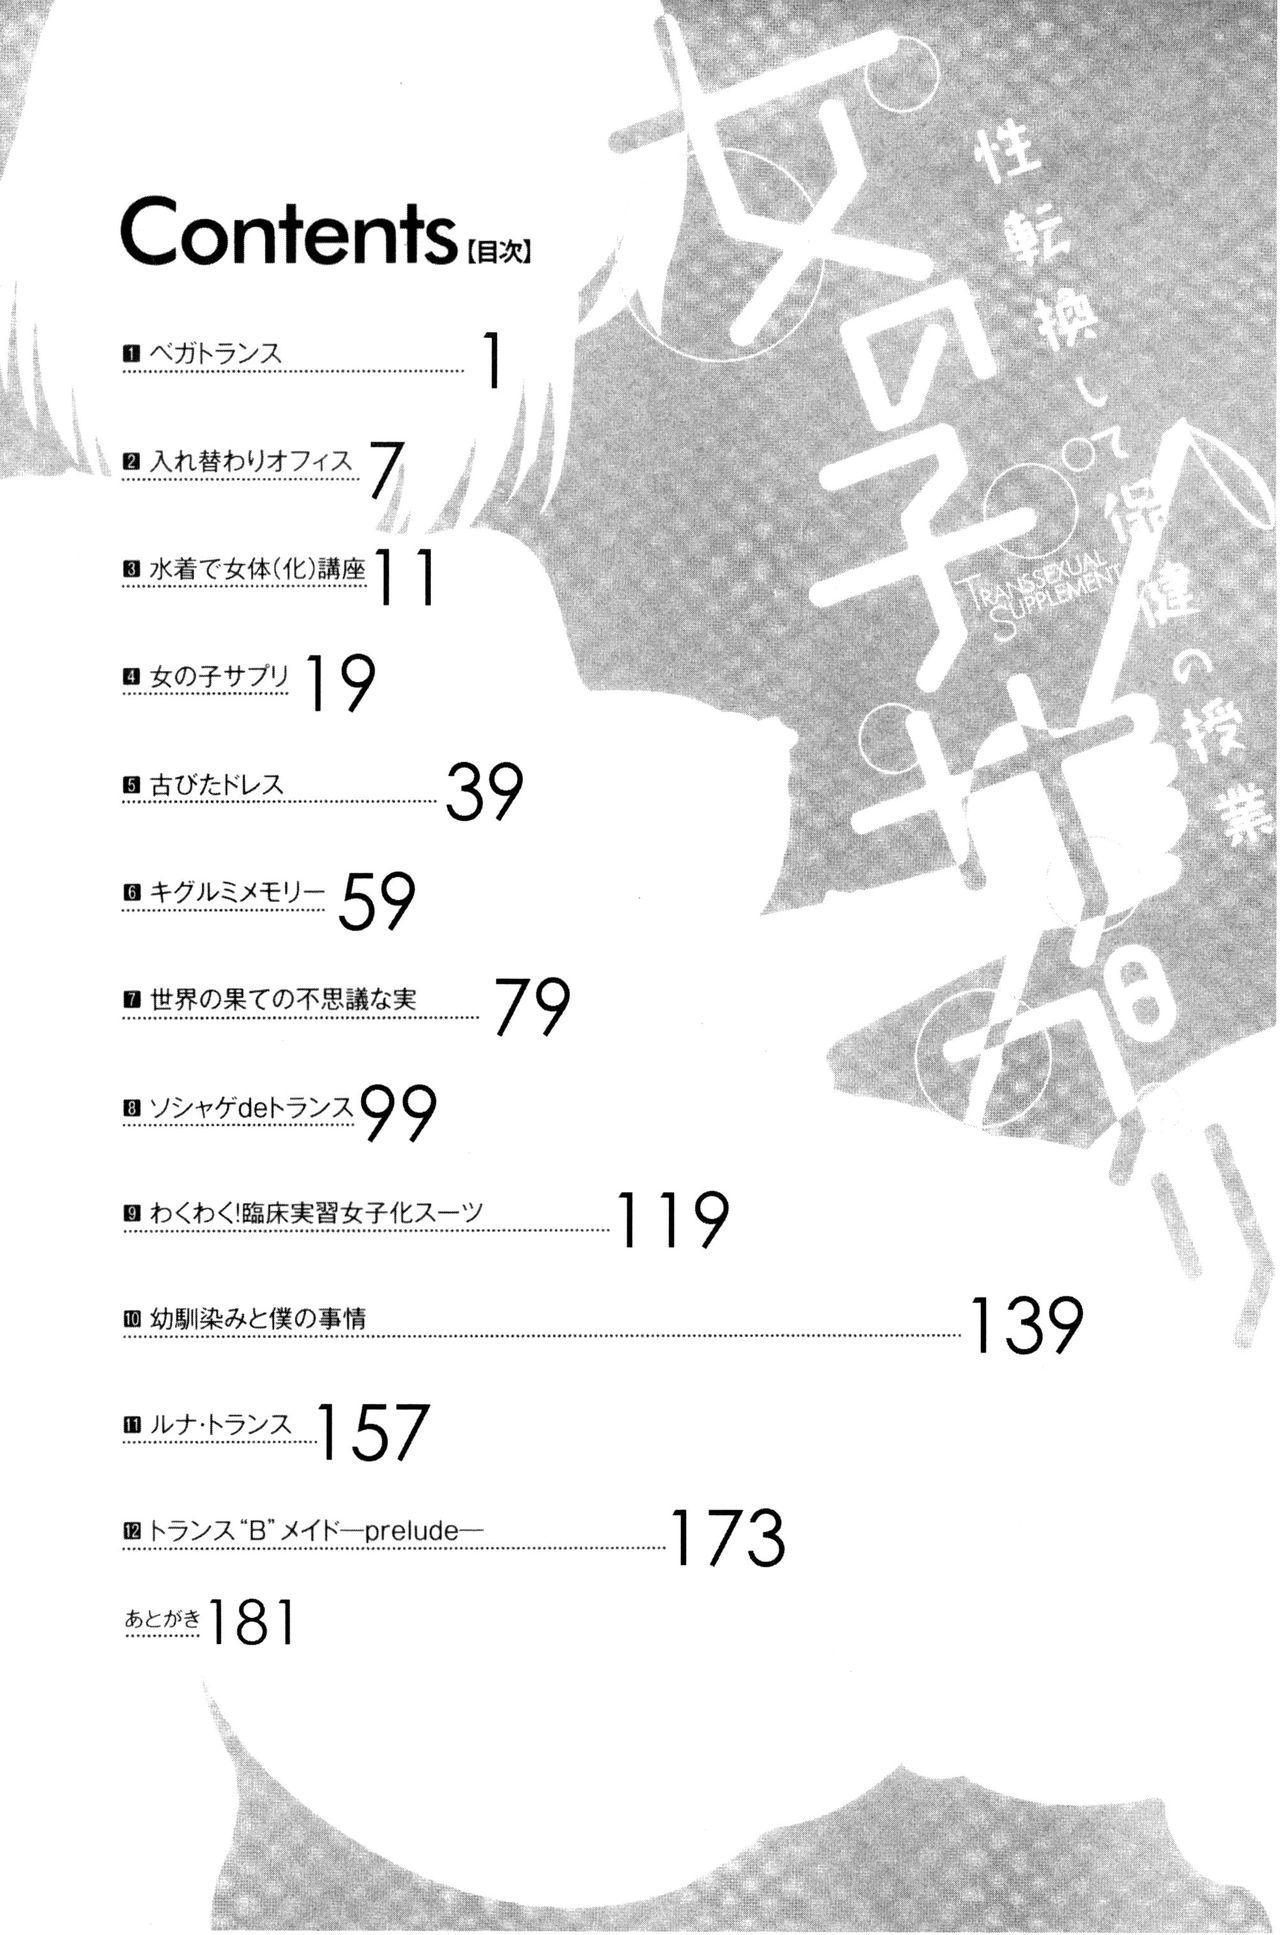 [Marneko] Onnanoko Supple ~Seitenkan Shite Hoken no Jugyou~   女孩子補給品 性轉換之後保健的授業 [Chinese] 20